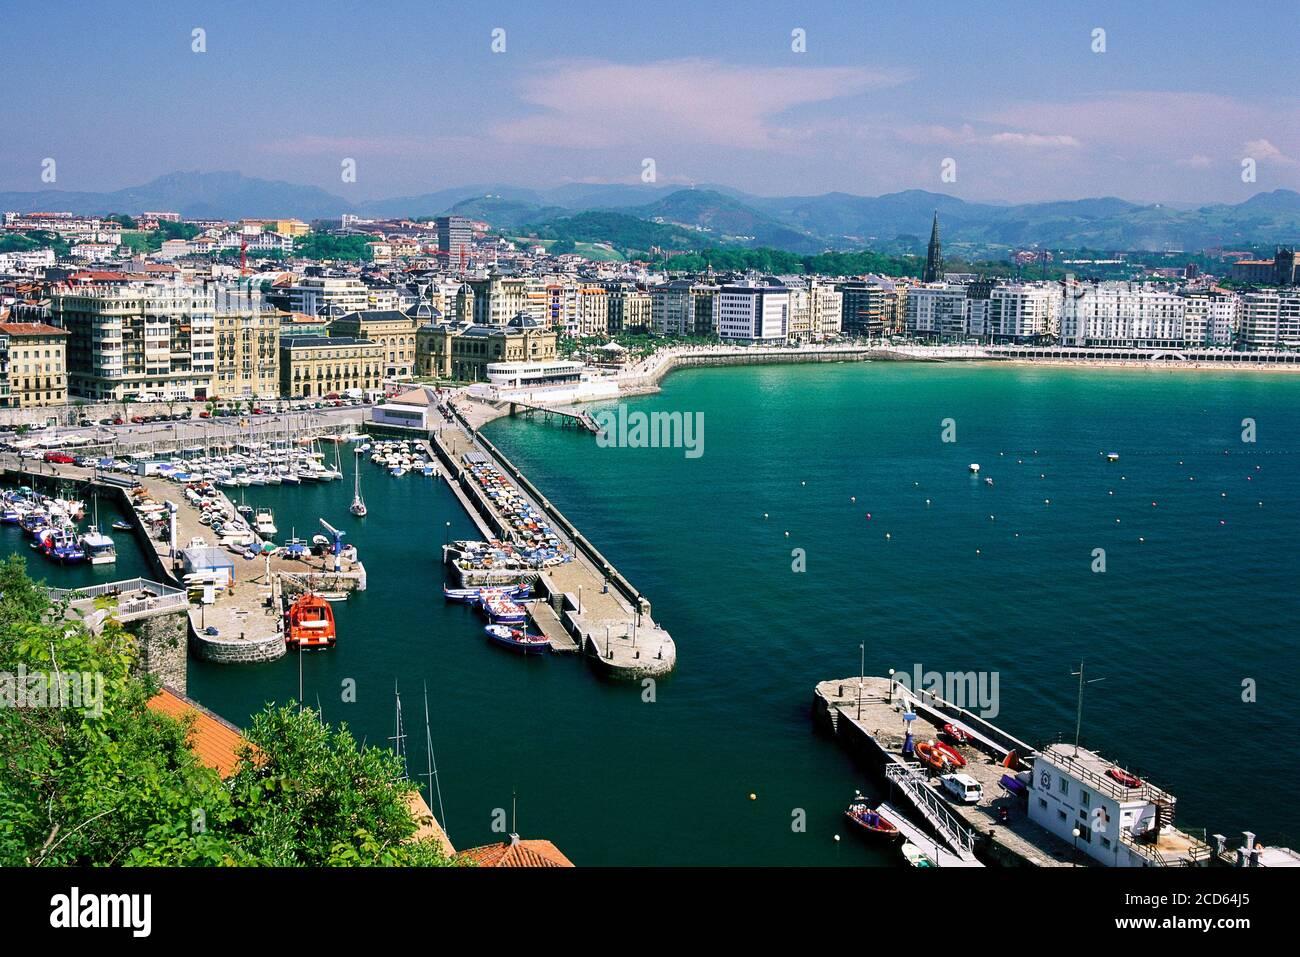 Coastal city of San Sebastian with harbor, Basque Country, Spain Stock Photo